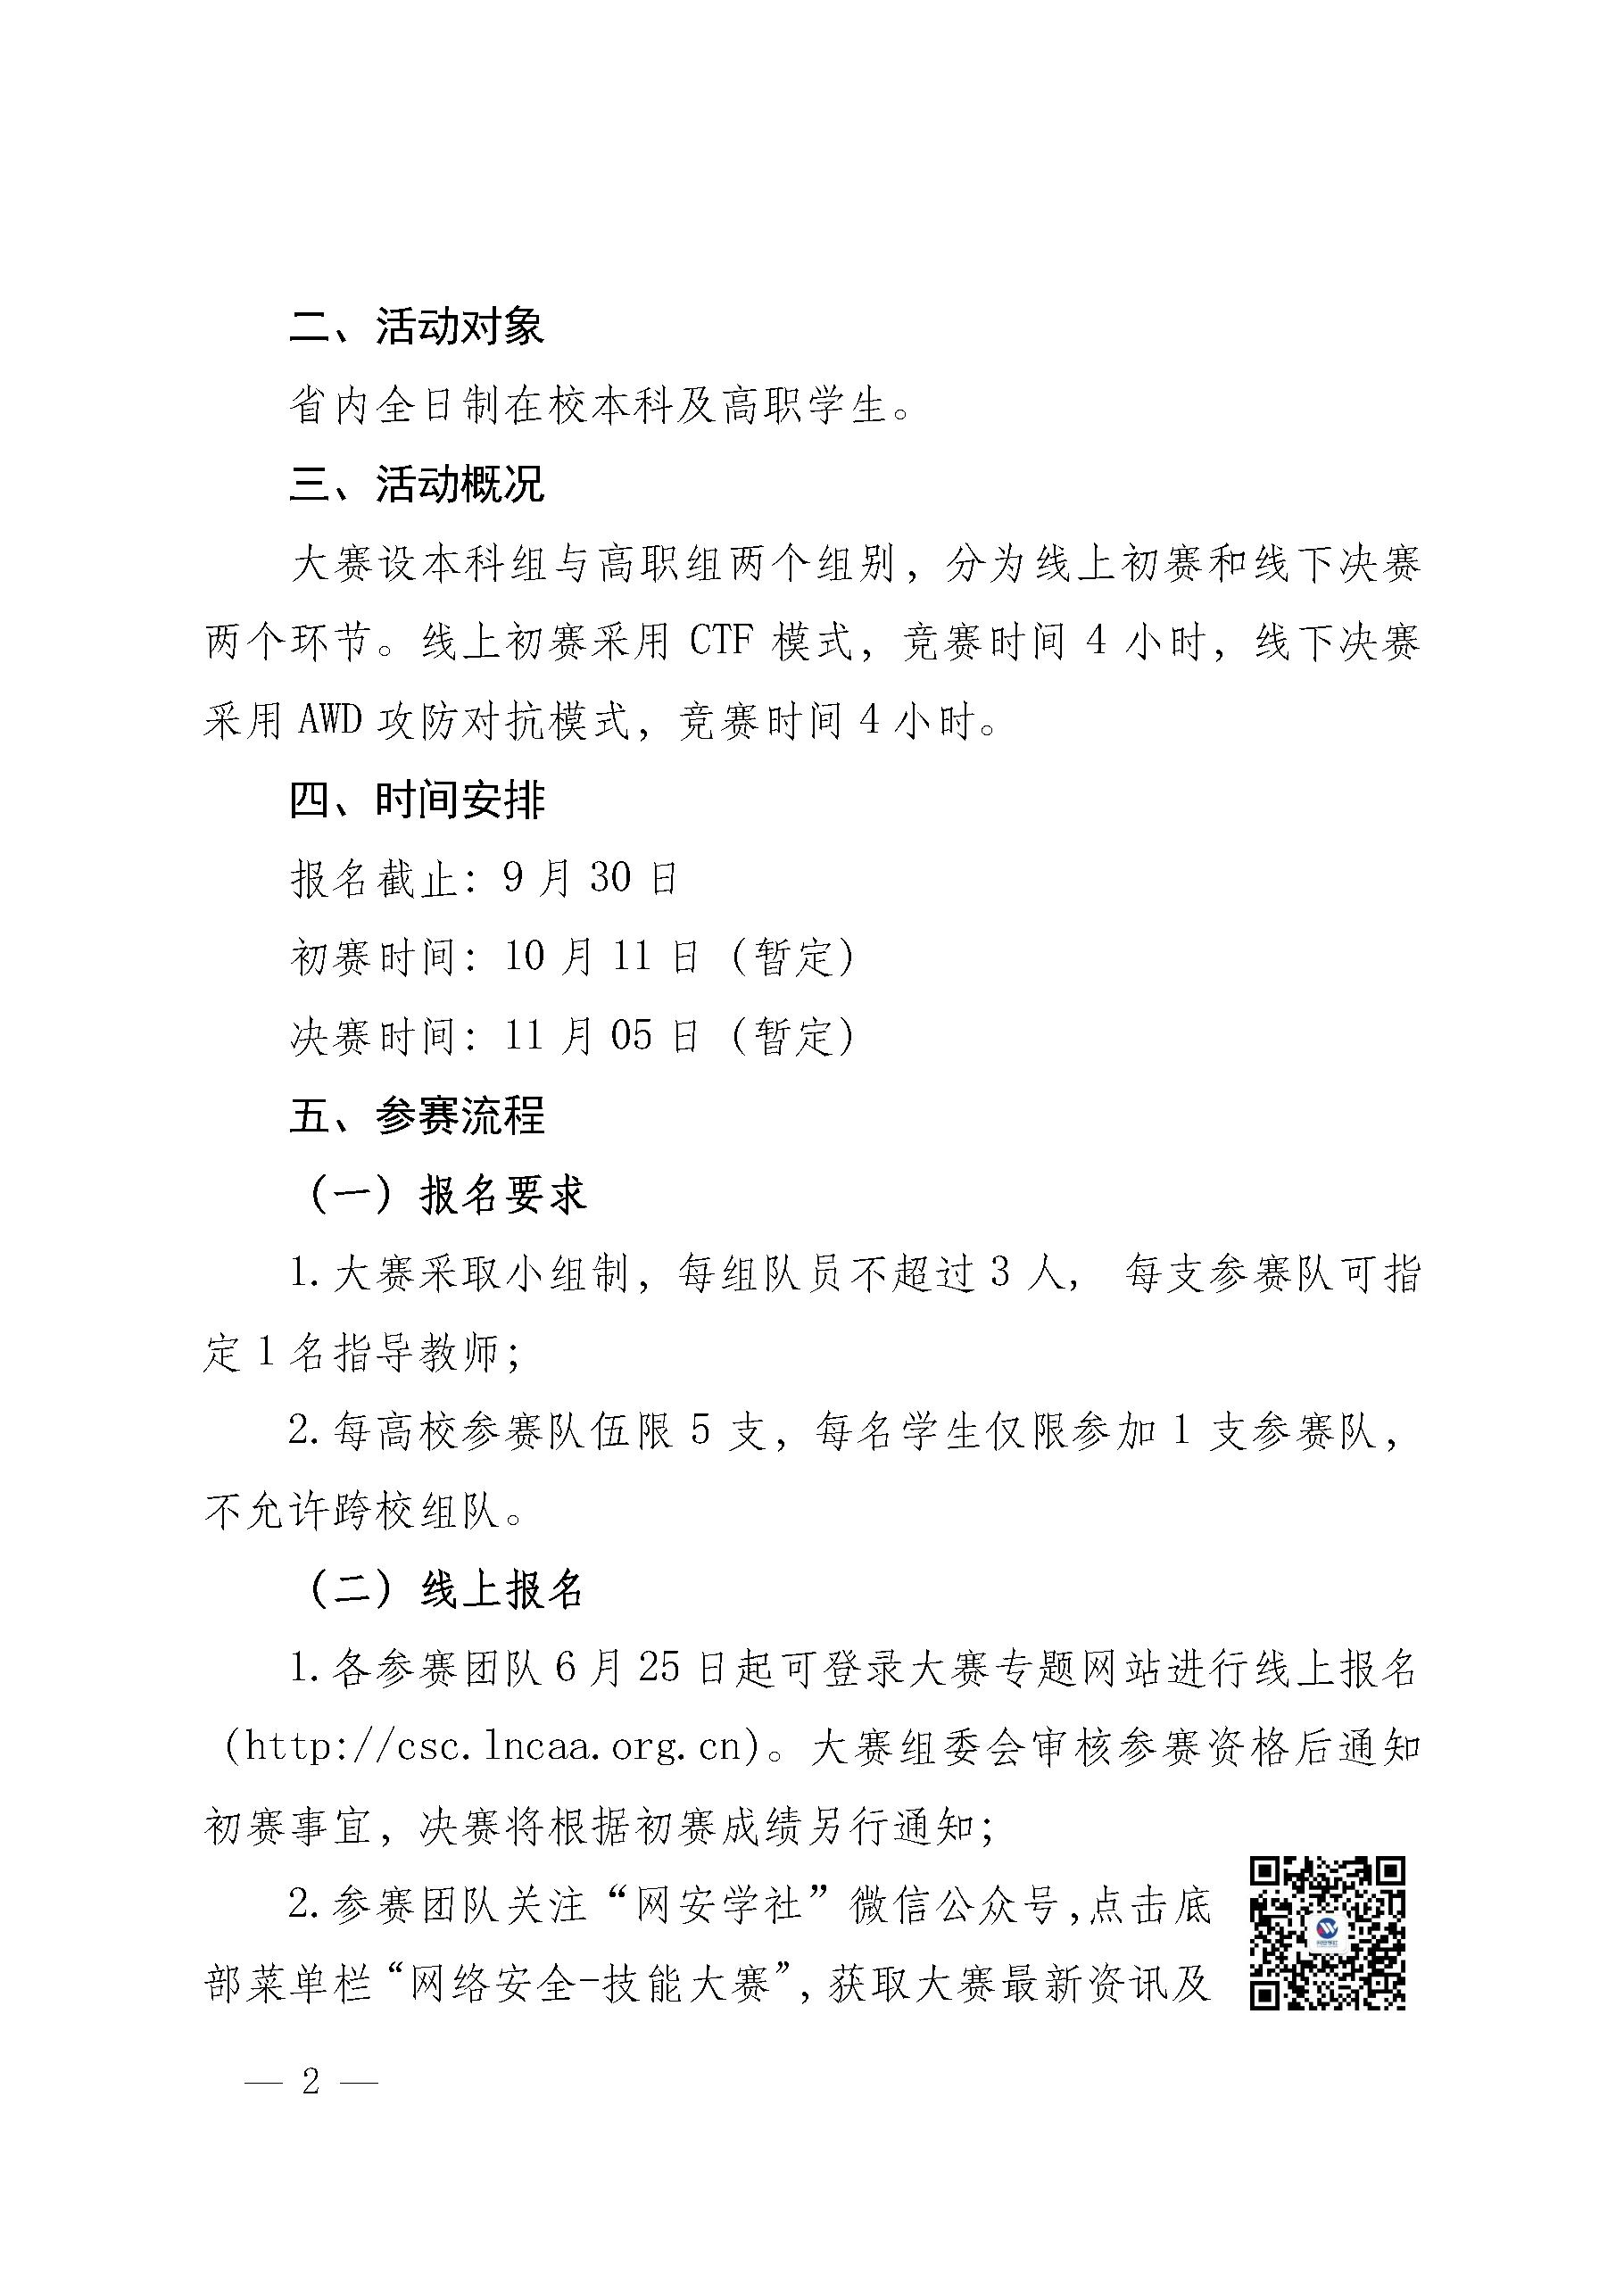 2021年辽宁省大学生网络安全技能大赛活动方案 - 【定稿】_页面_2.png